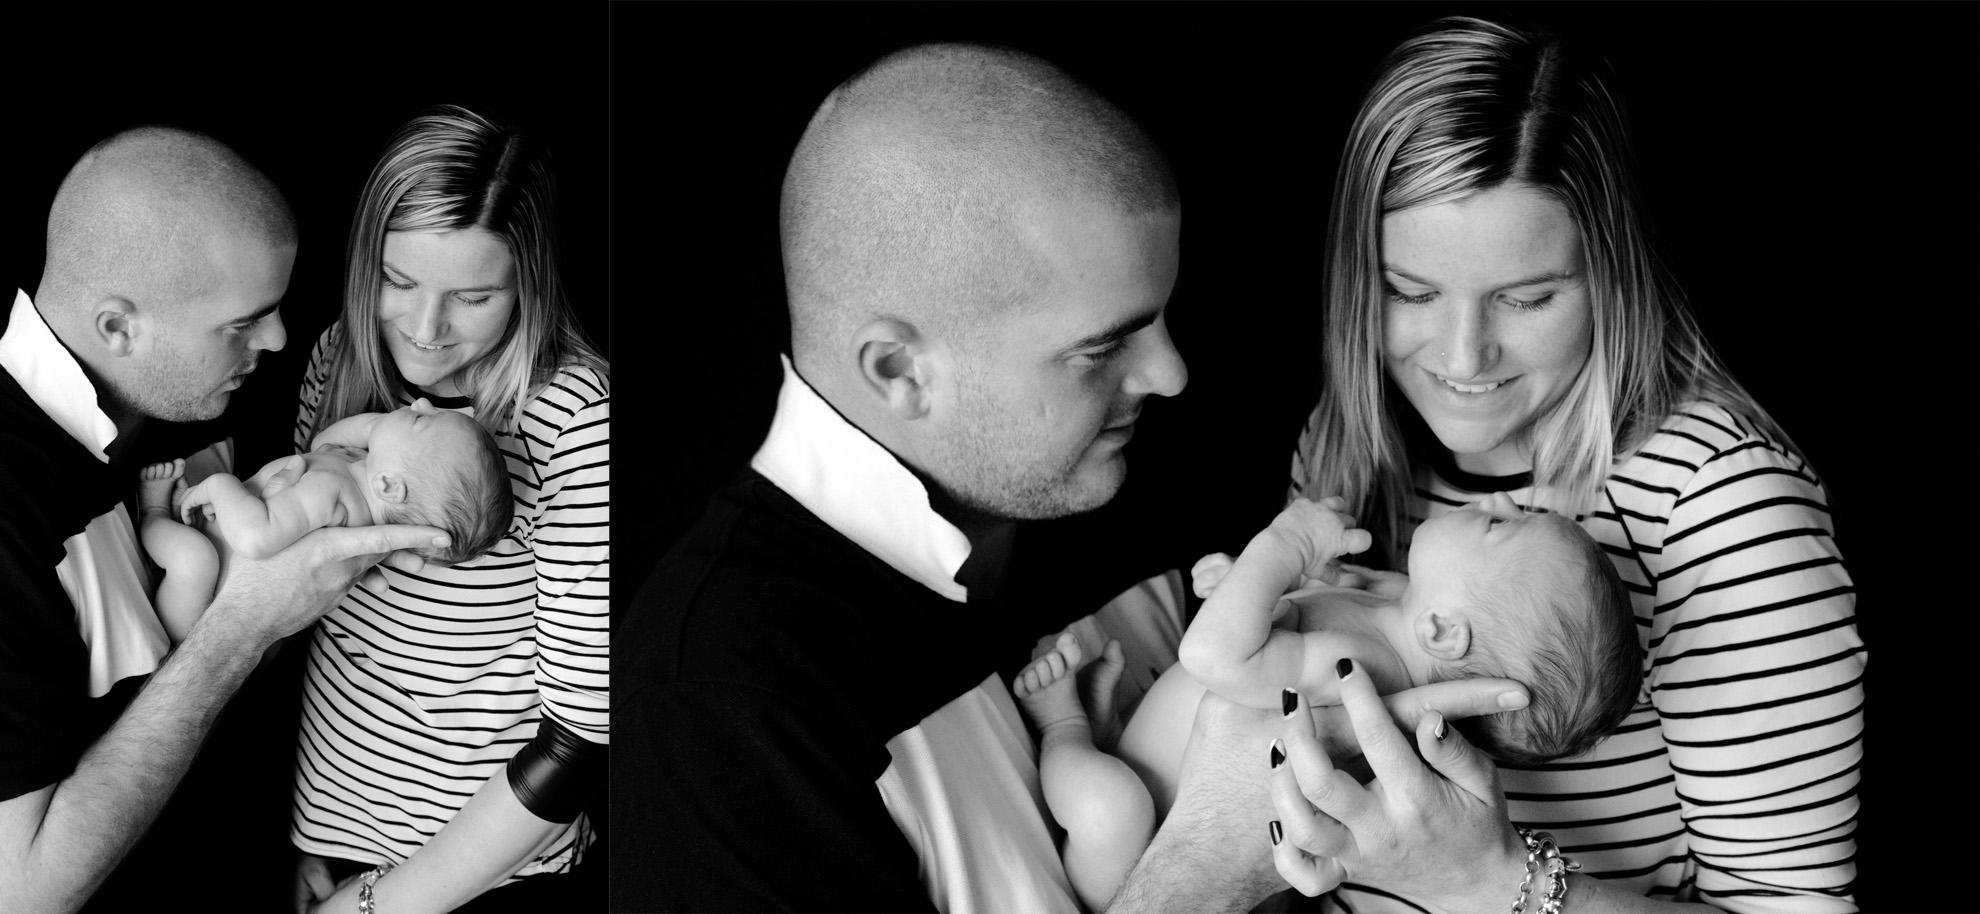 Otorohanga-newborn-photography-baby-with-family.jpg